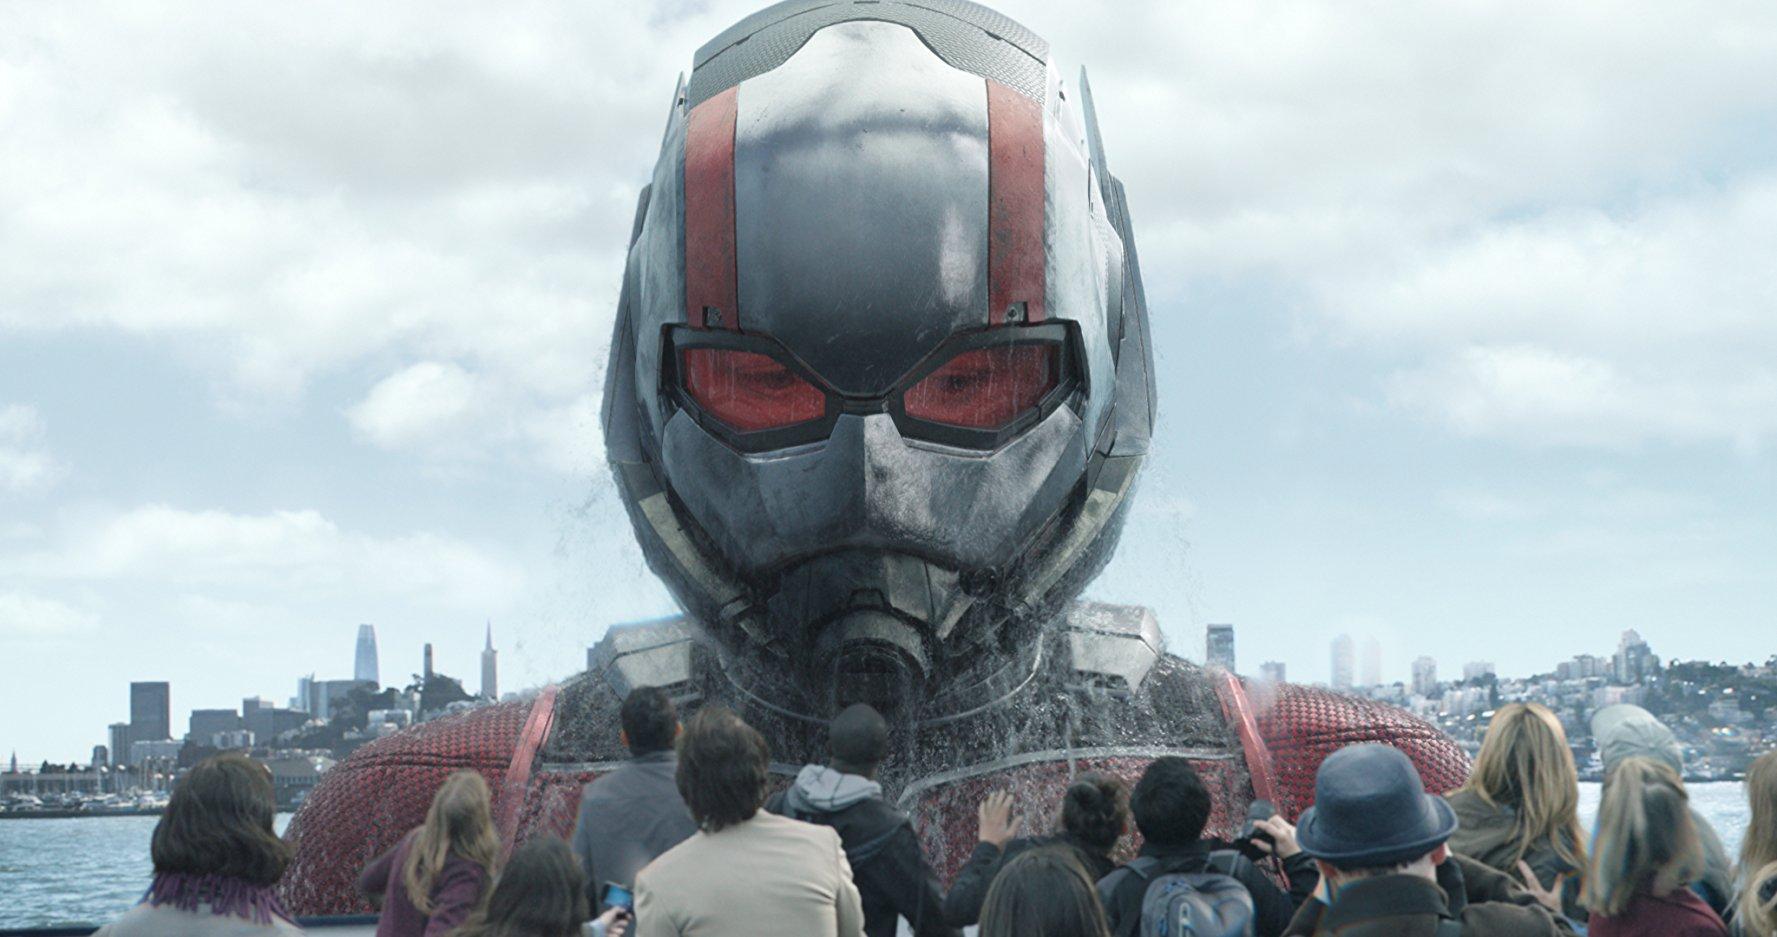 運用 放大 & 縮小 技能戰鬥的蟻人,在銀幕上的視覺表現更勝首集。